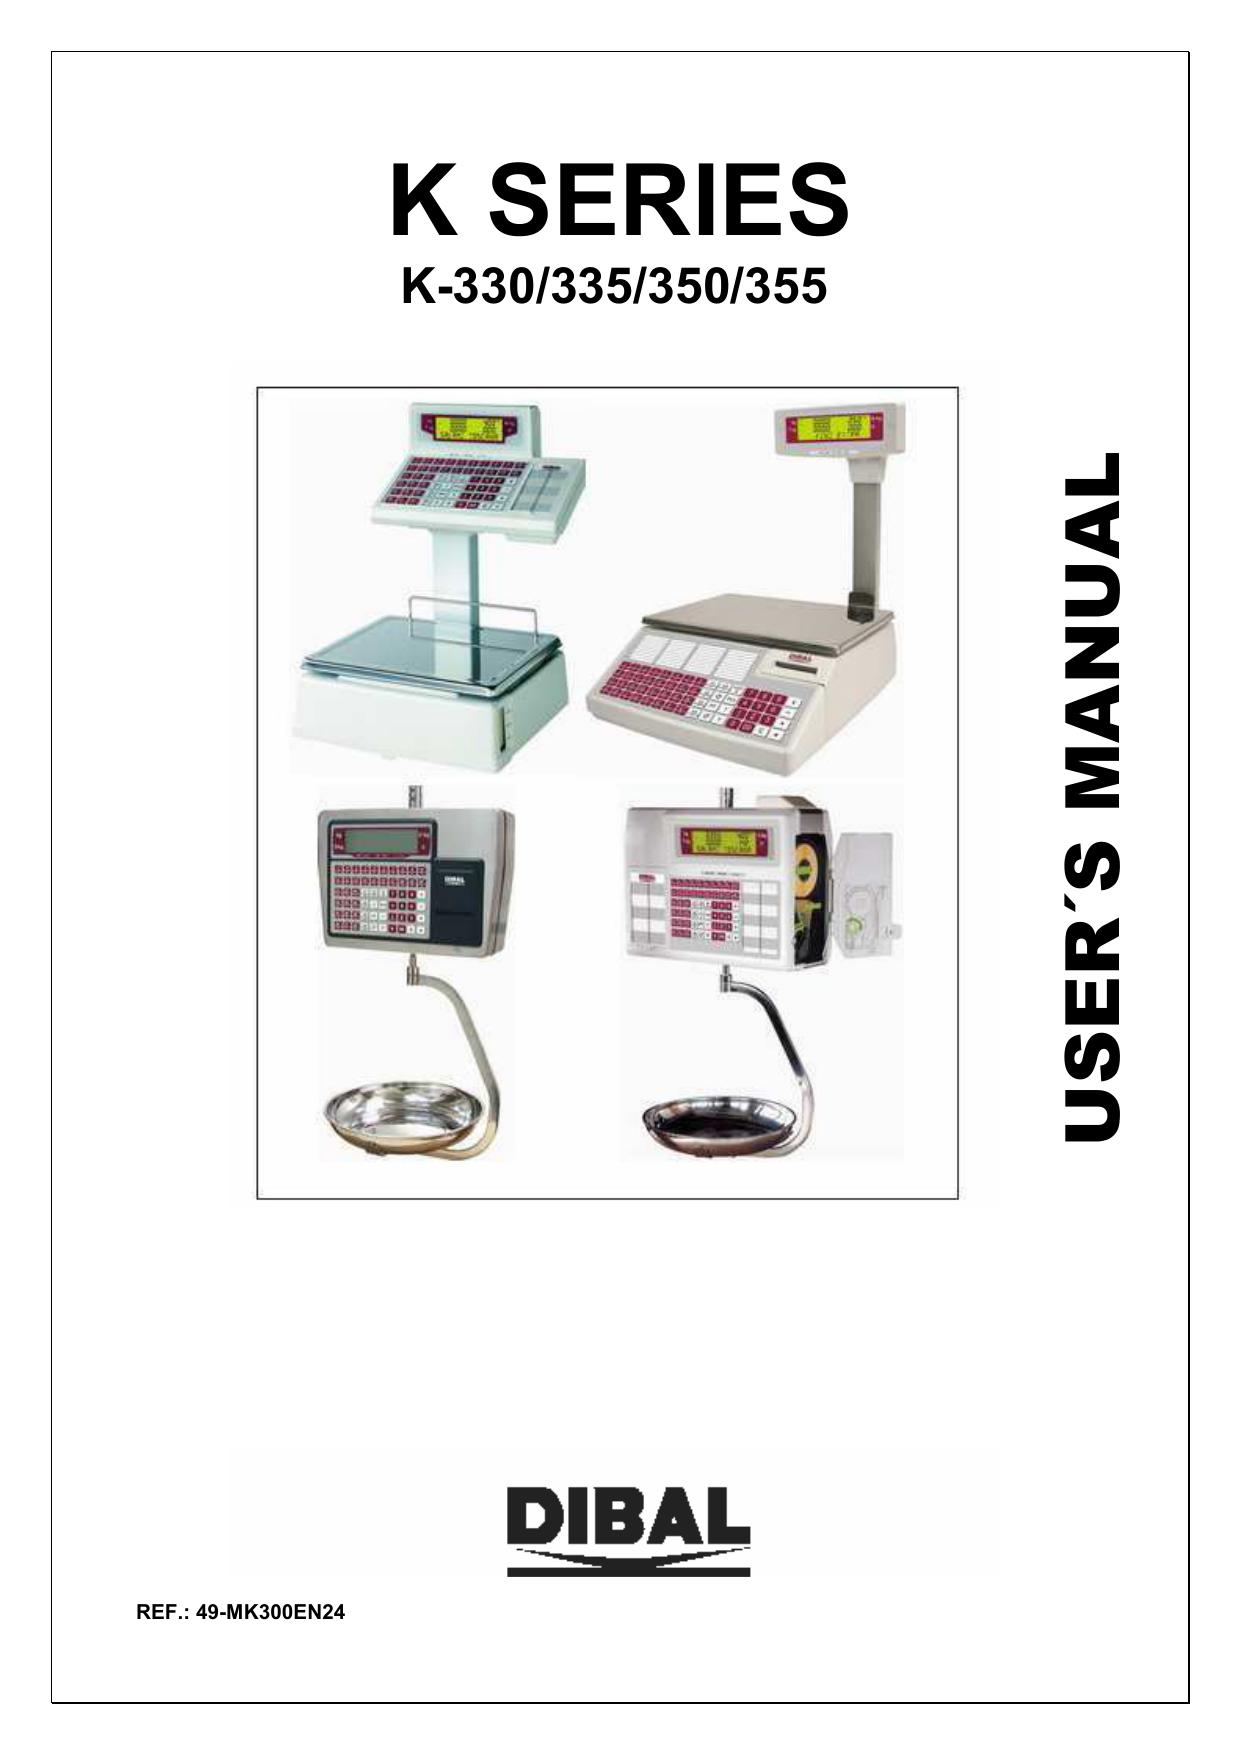 Sunny Bajaj Nokia E61 Signal Ways Diagram